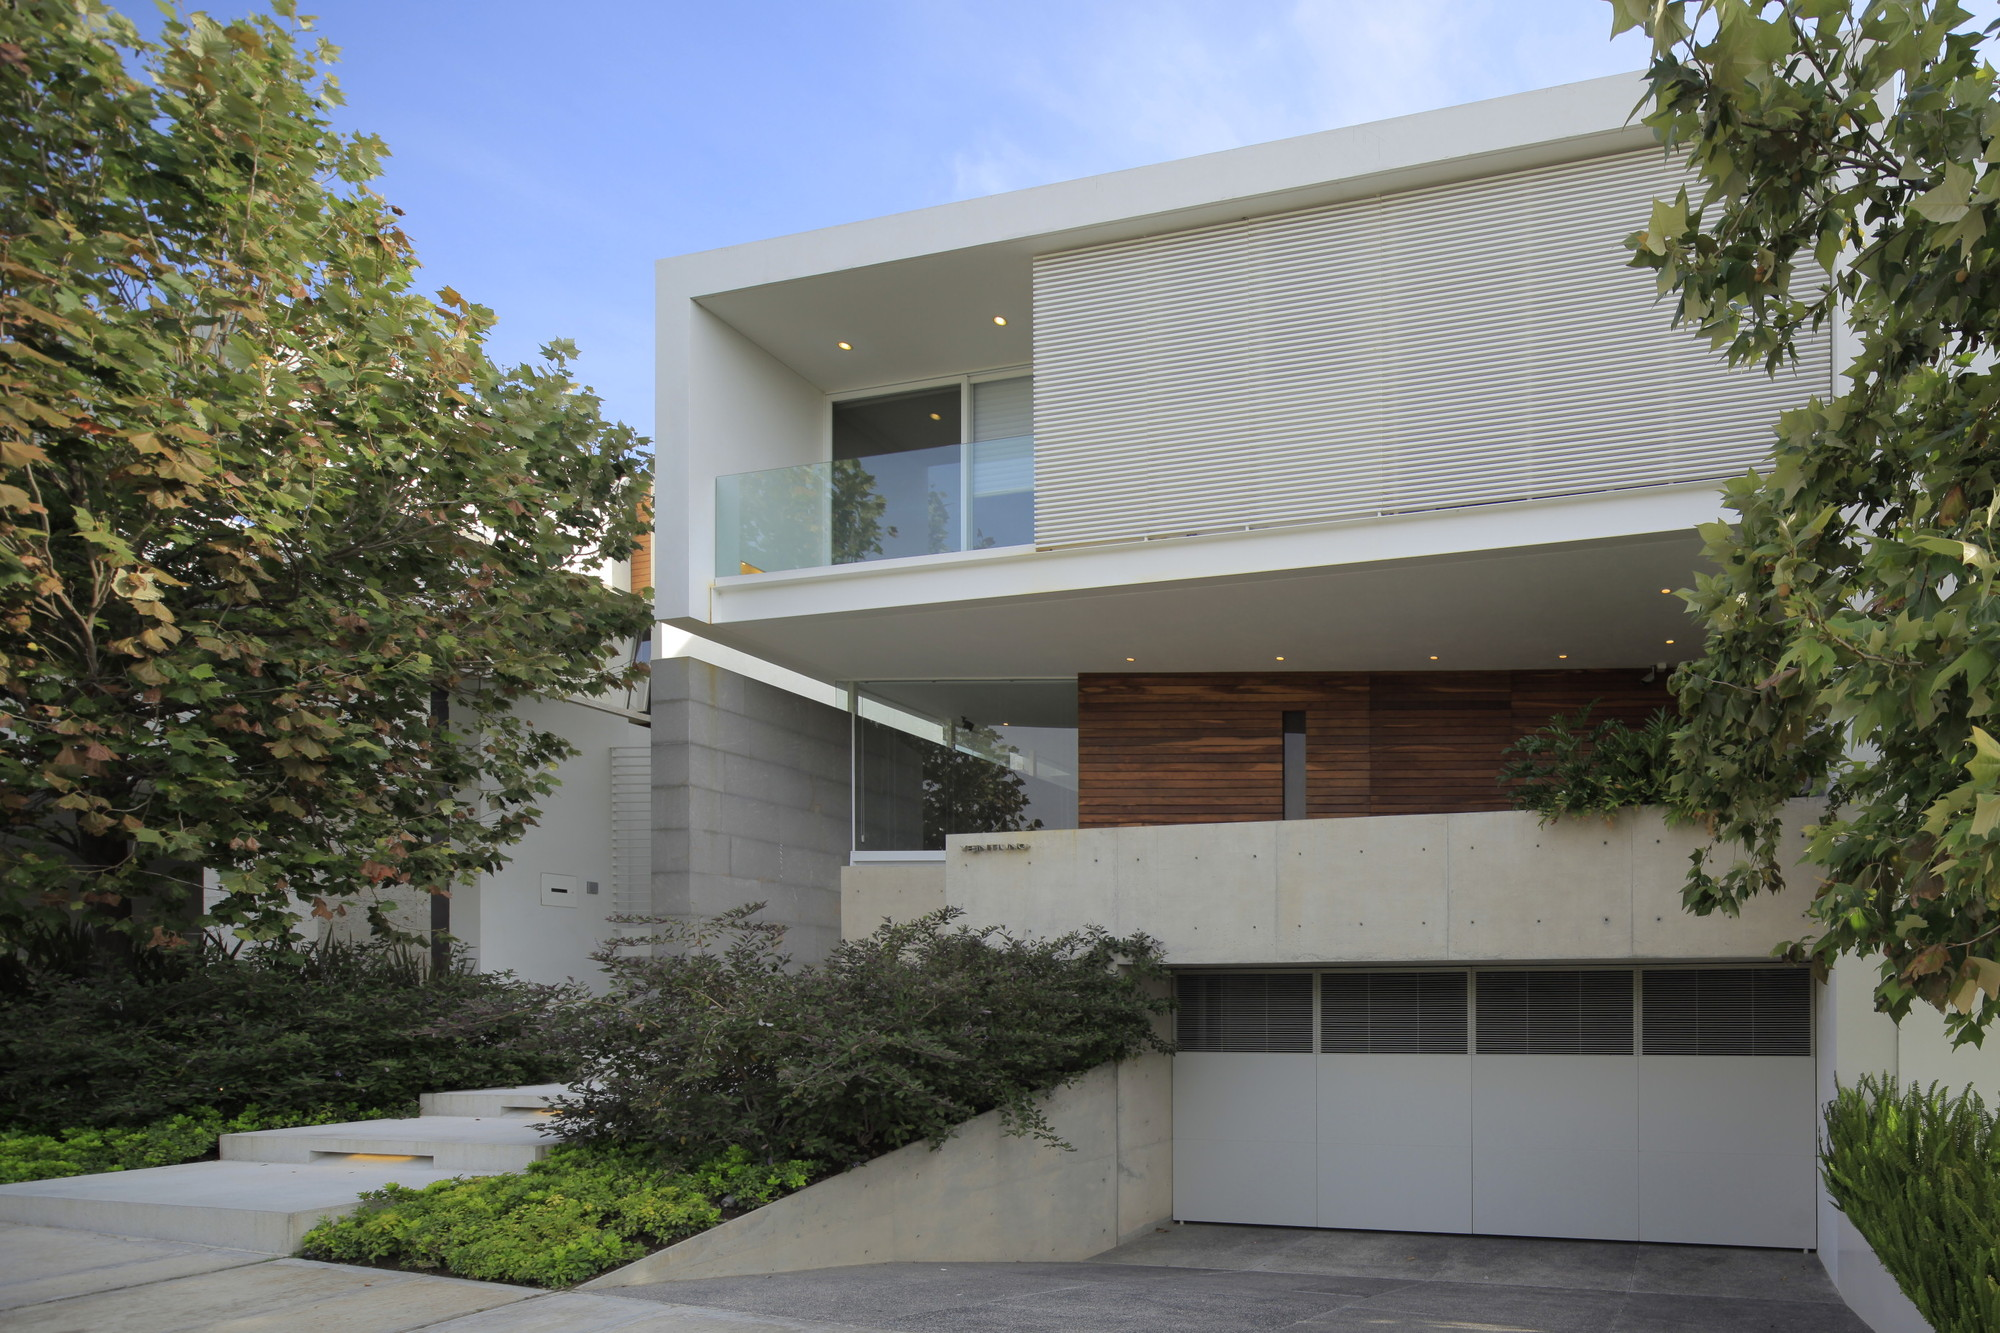 Casa veintiuno hern ndez silva arquitectos archdaily for Casas modernas terreras